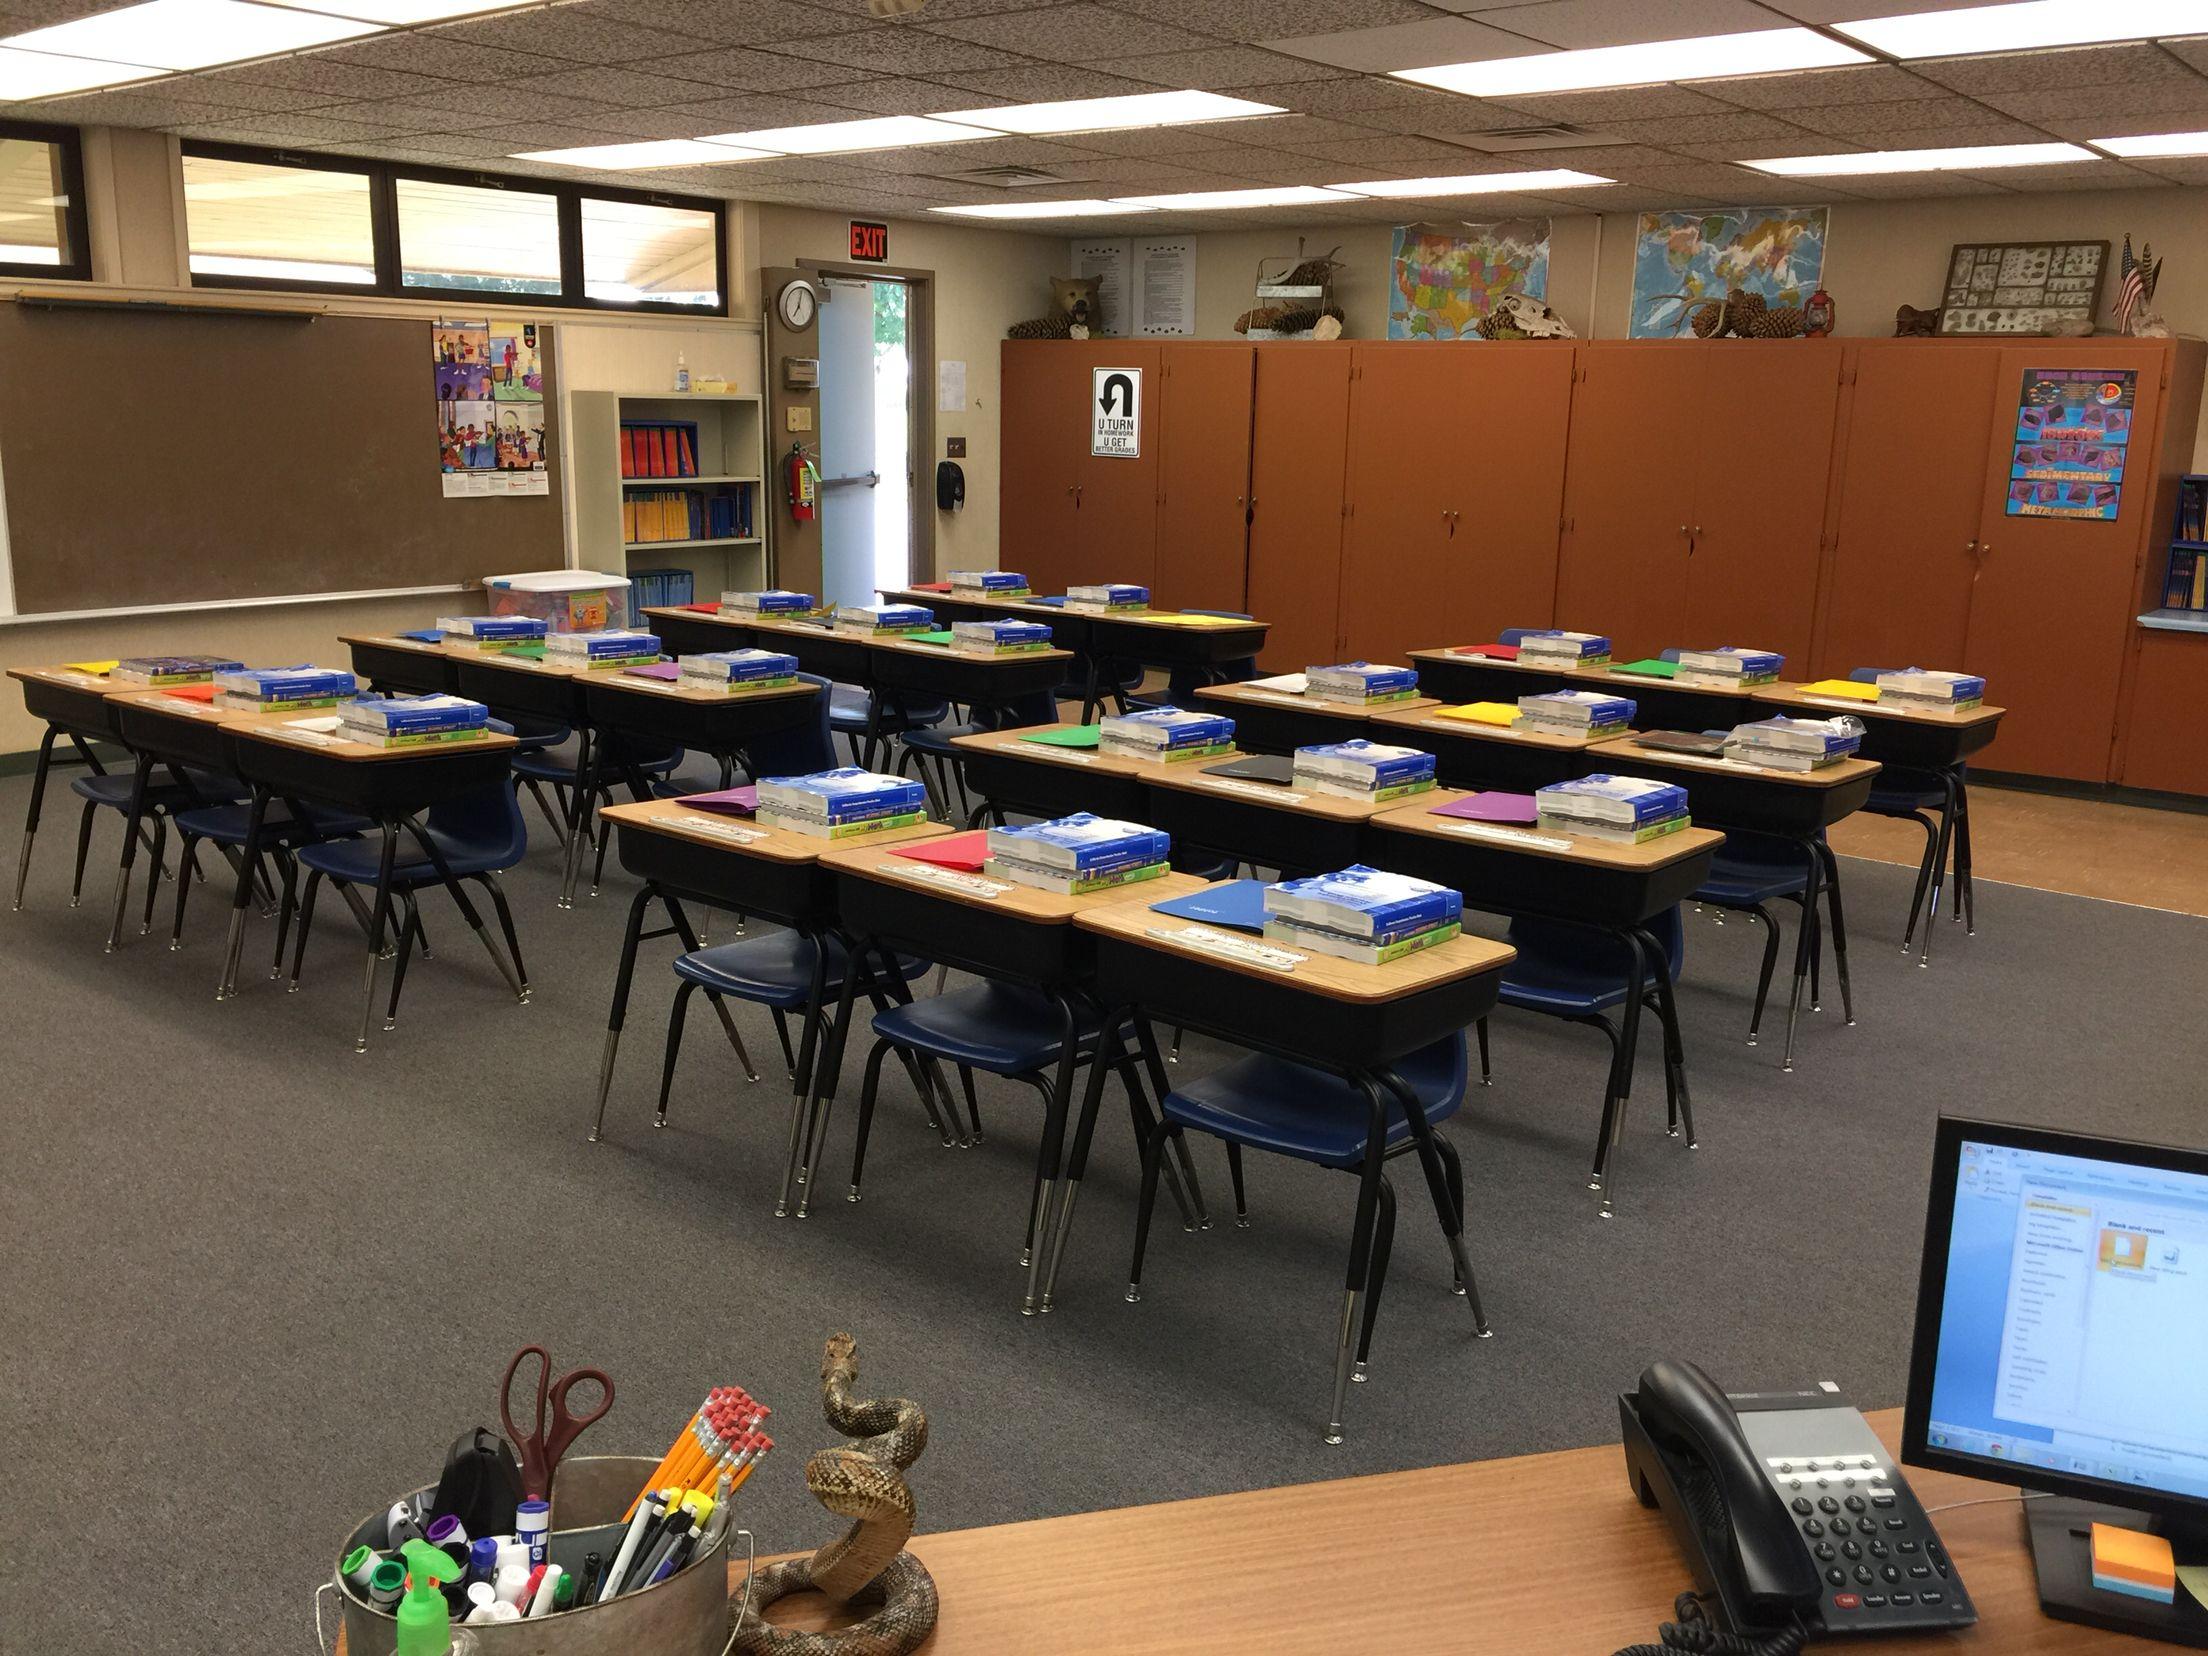 Male Teacher Classroom Decor 4th Grade Fourth Grade Teacher Classroom Decorations Classroom Desk Arrangement Teacher Classroom